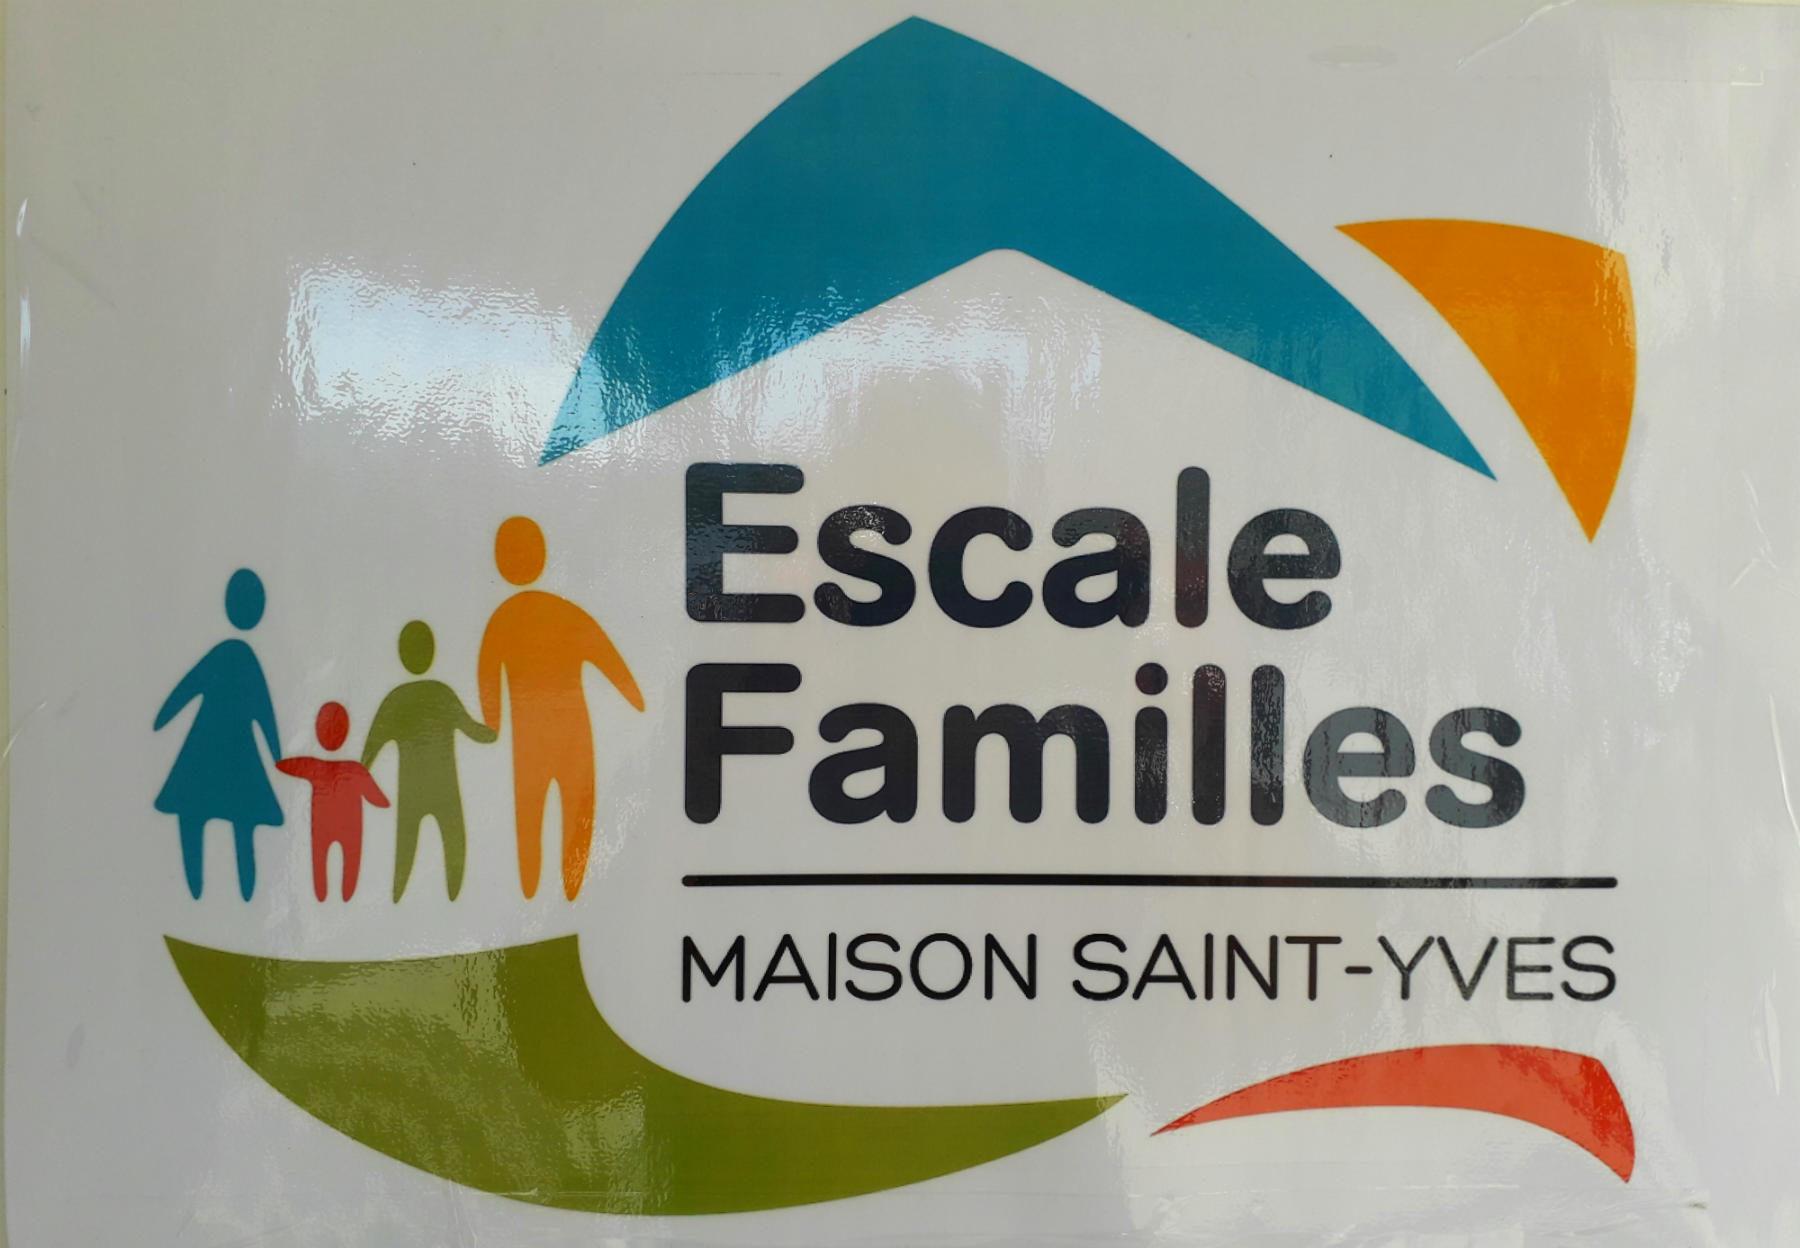 logo de l'escale familles